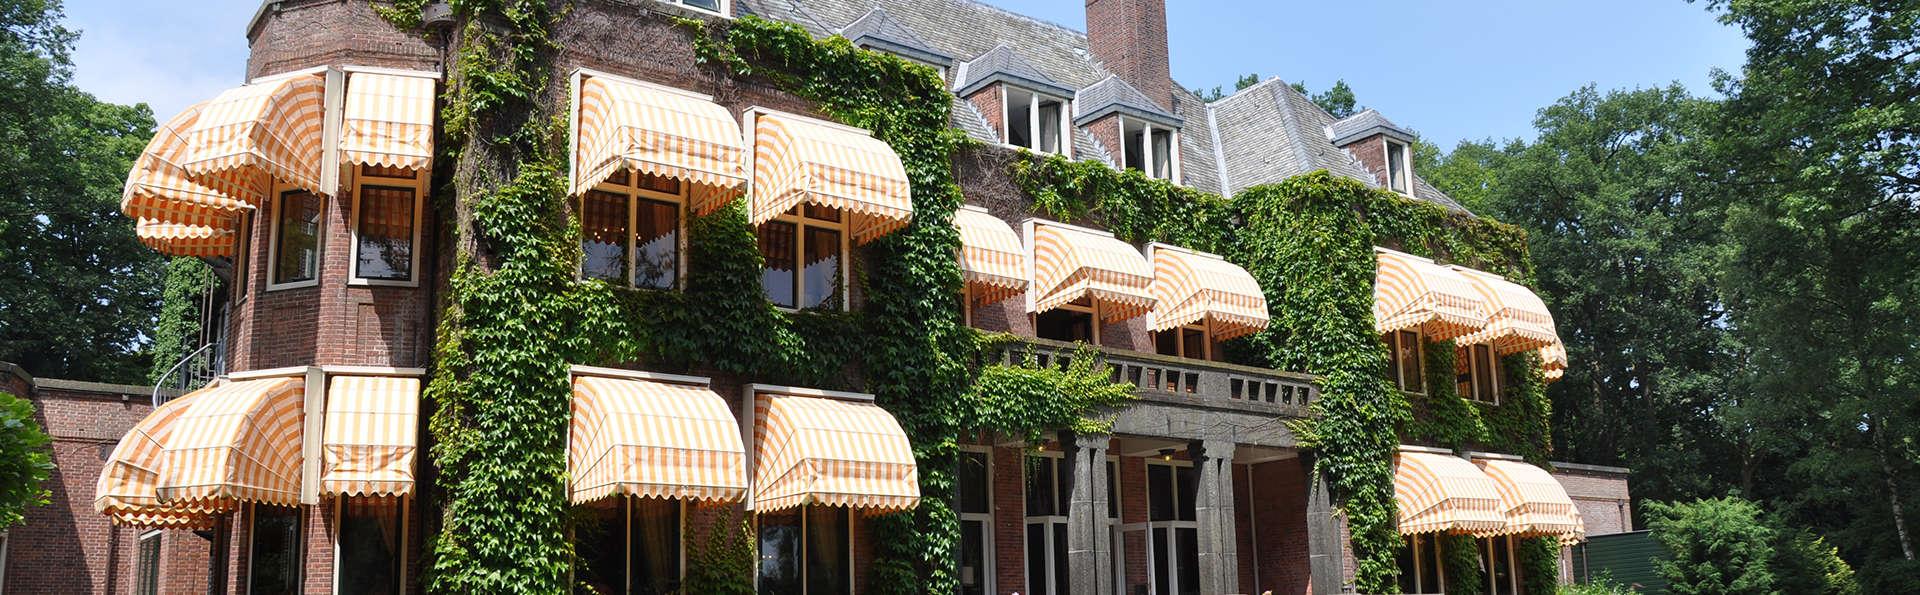 Landgoed Huize Bergen - edit_facade.jpg